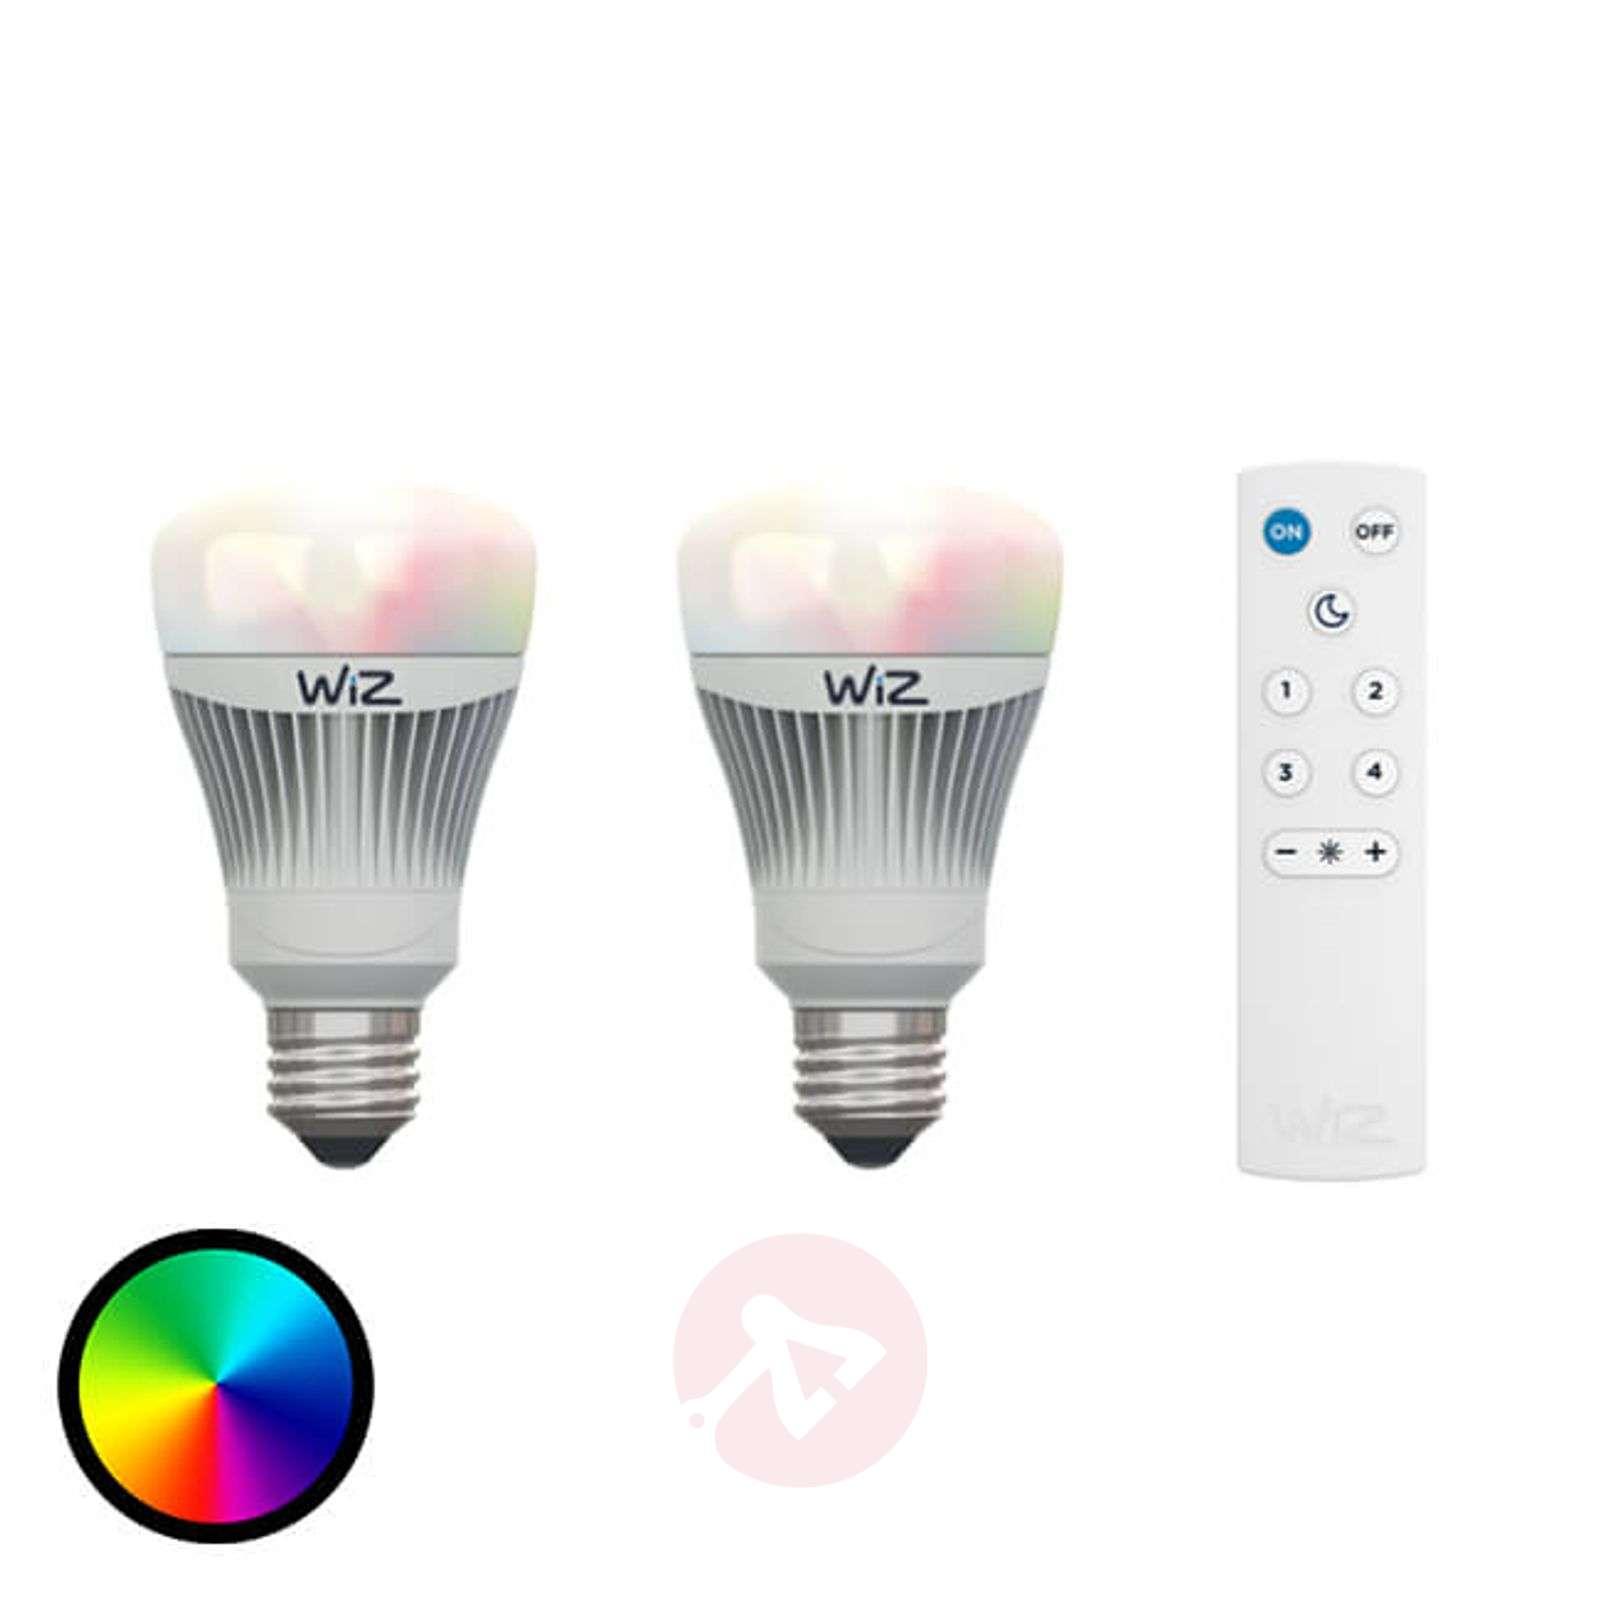 2 x LED-lamppu E27 WiZ, kaukosäätö, RGB + valk.-9038079-01